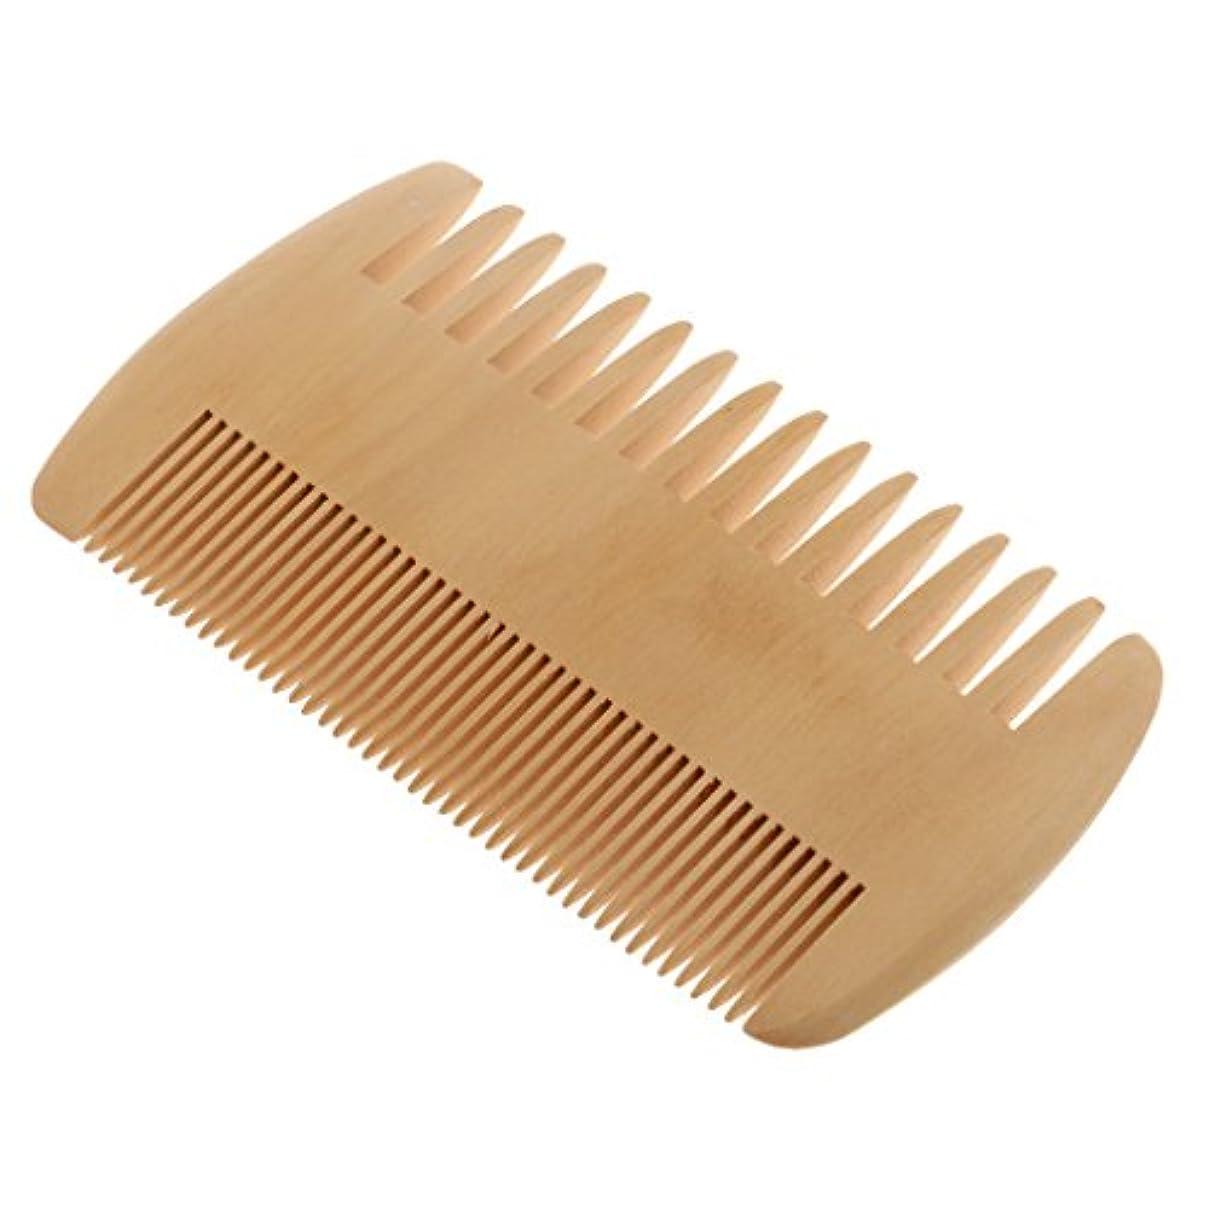 シールド近々徹底木製コーム 木製櫛 ヘアブラシ 帯電防止櫛 ポケットコーム ヘアスタイリング 用品